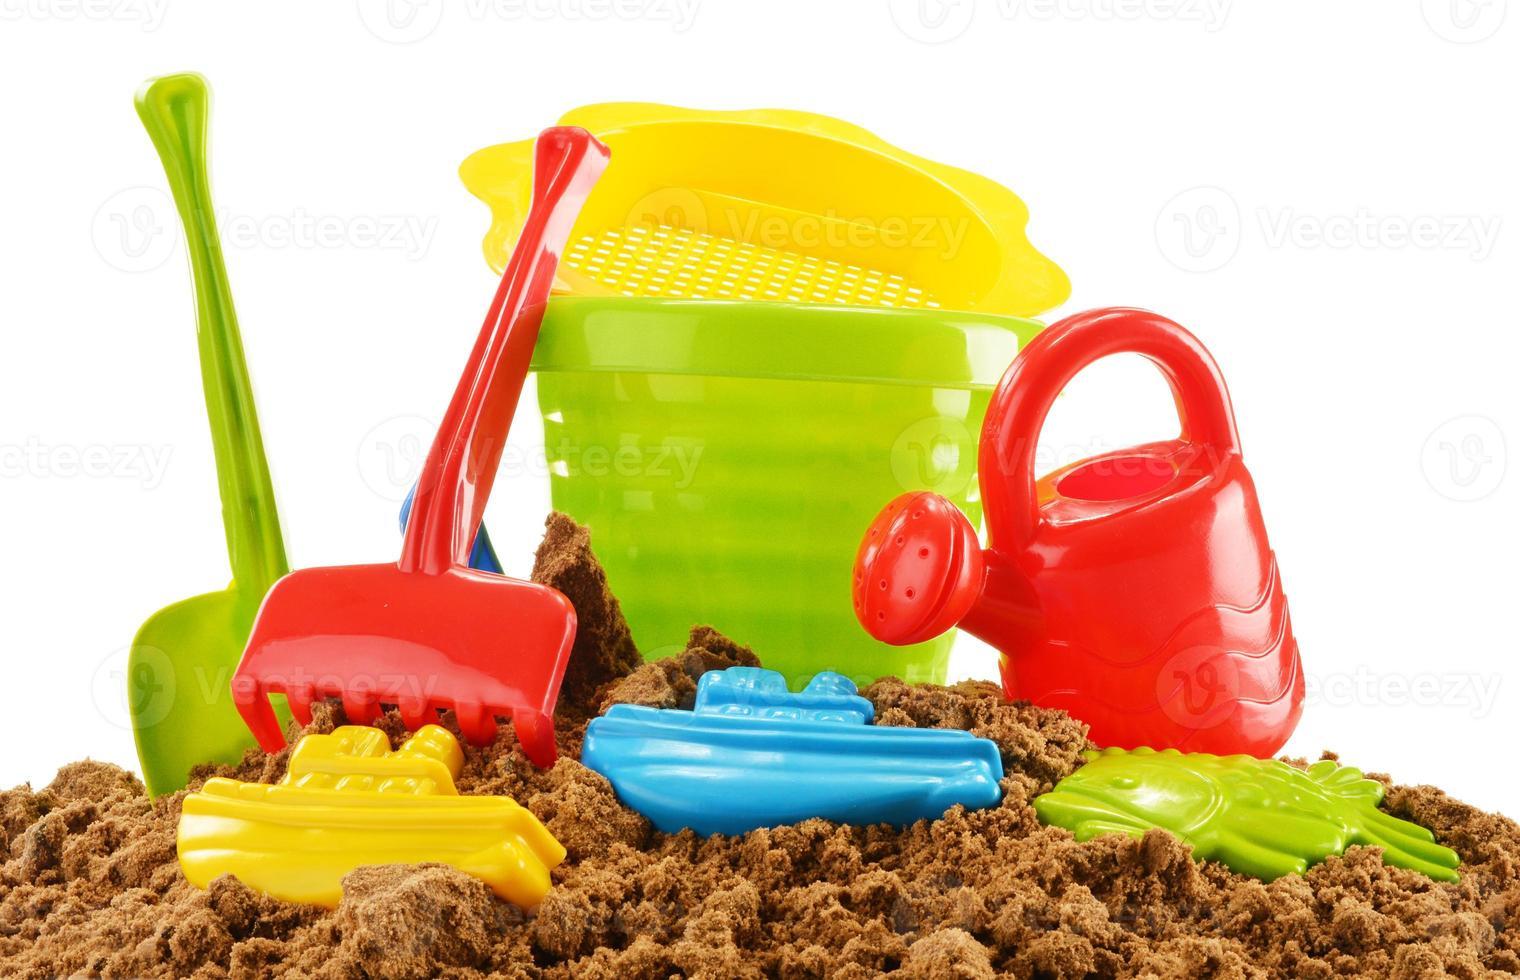 jouets en plastique pour enfants photo